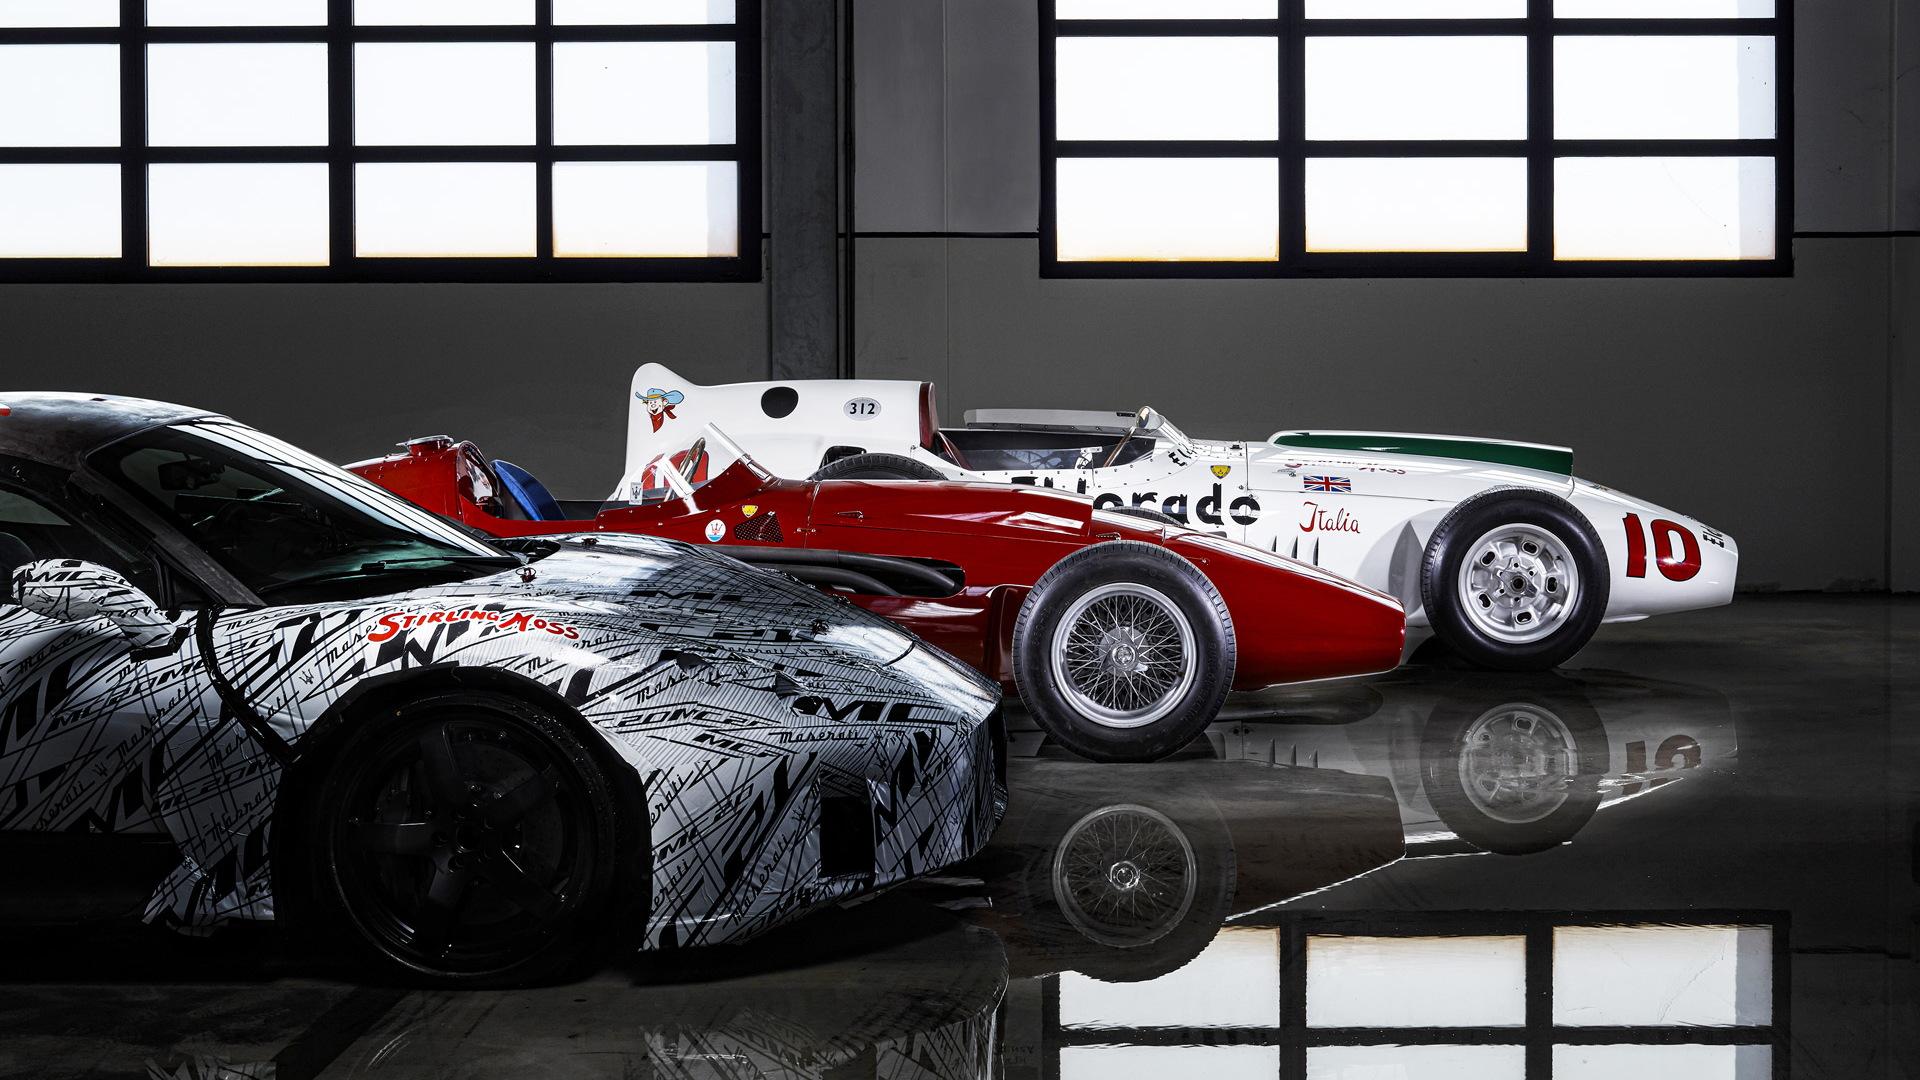 Teaser for Maserati MC20 debuting in September 2020